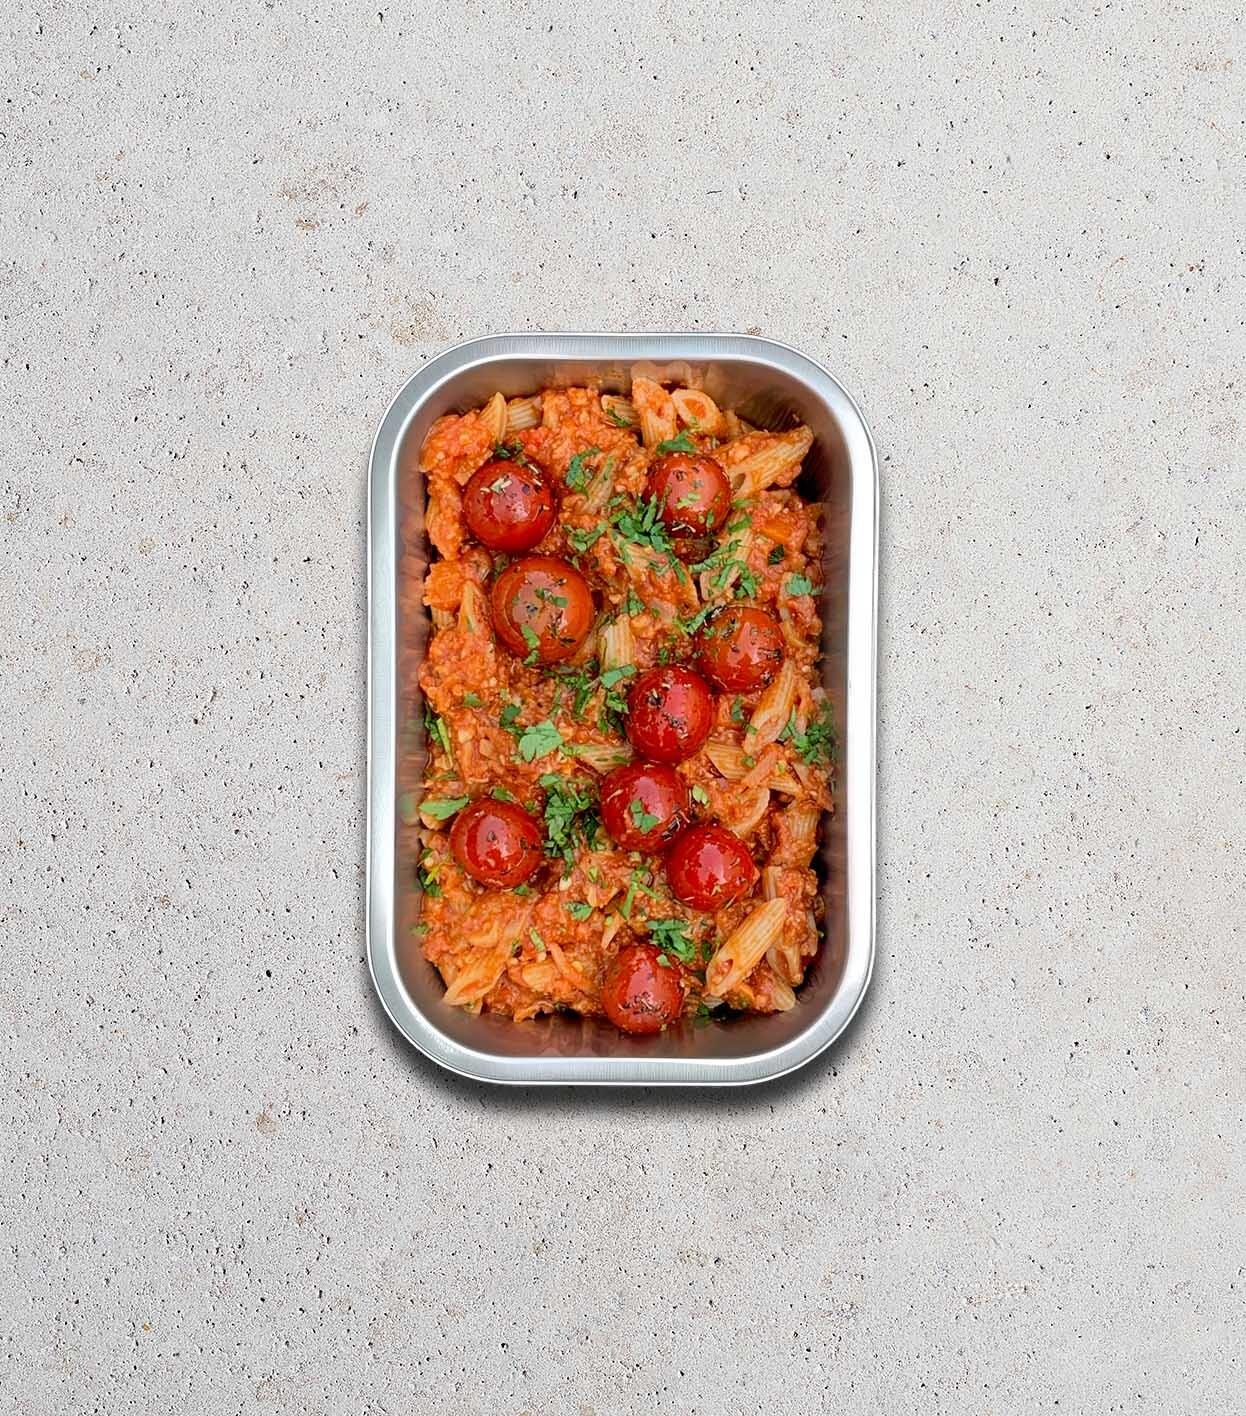 gezonde warm gerecht met groenten bolognaise vegan cashewnoten in meeneemverpakking